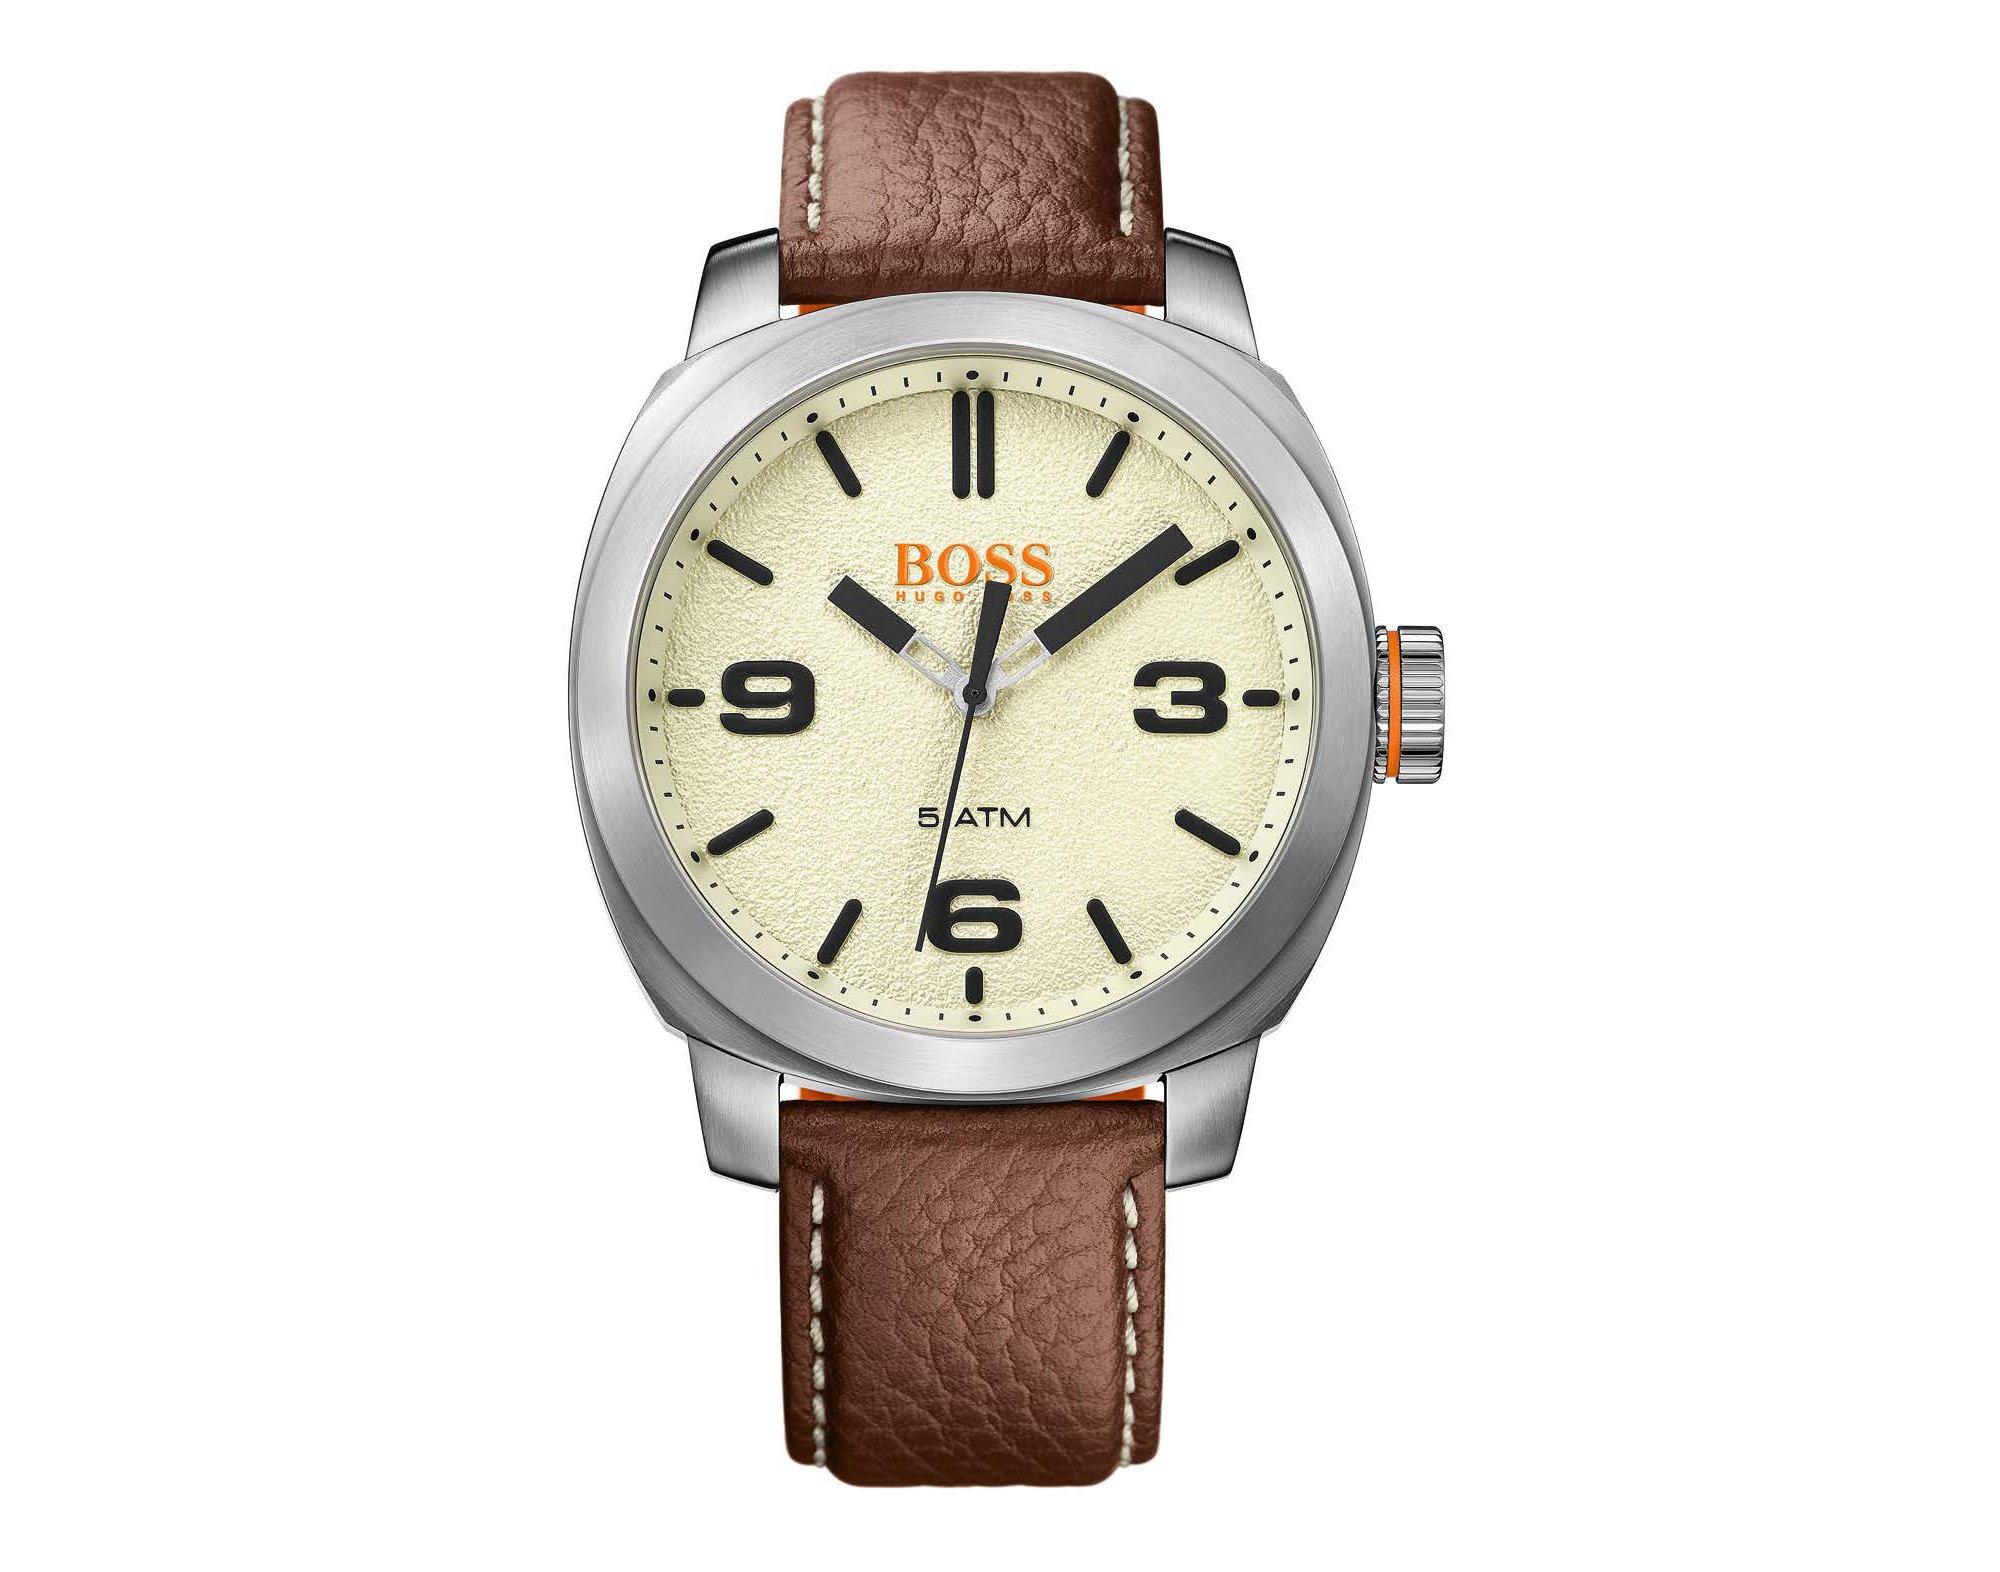 Reloj de acero inoxidable cepillado con esfera con textura y correa de piel marrón, Blanco